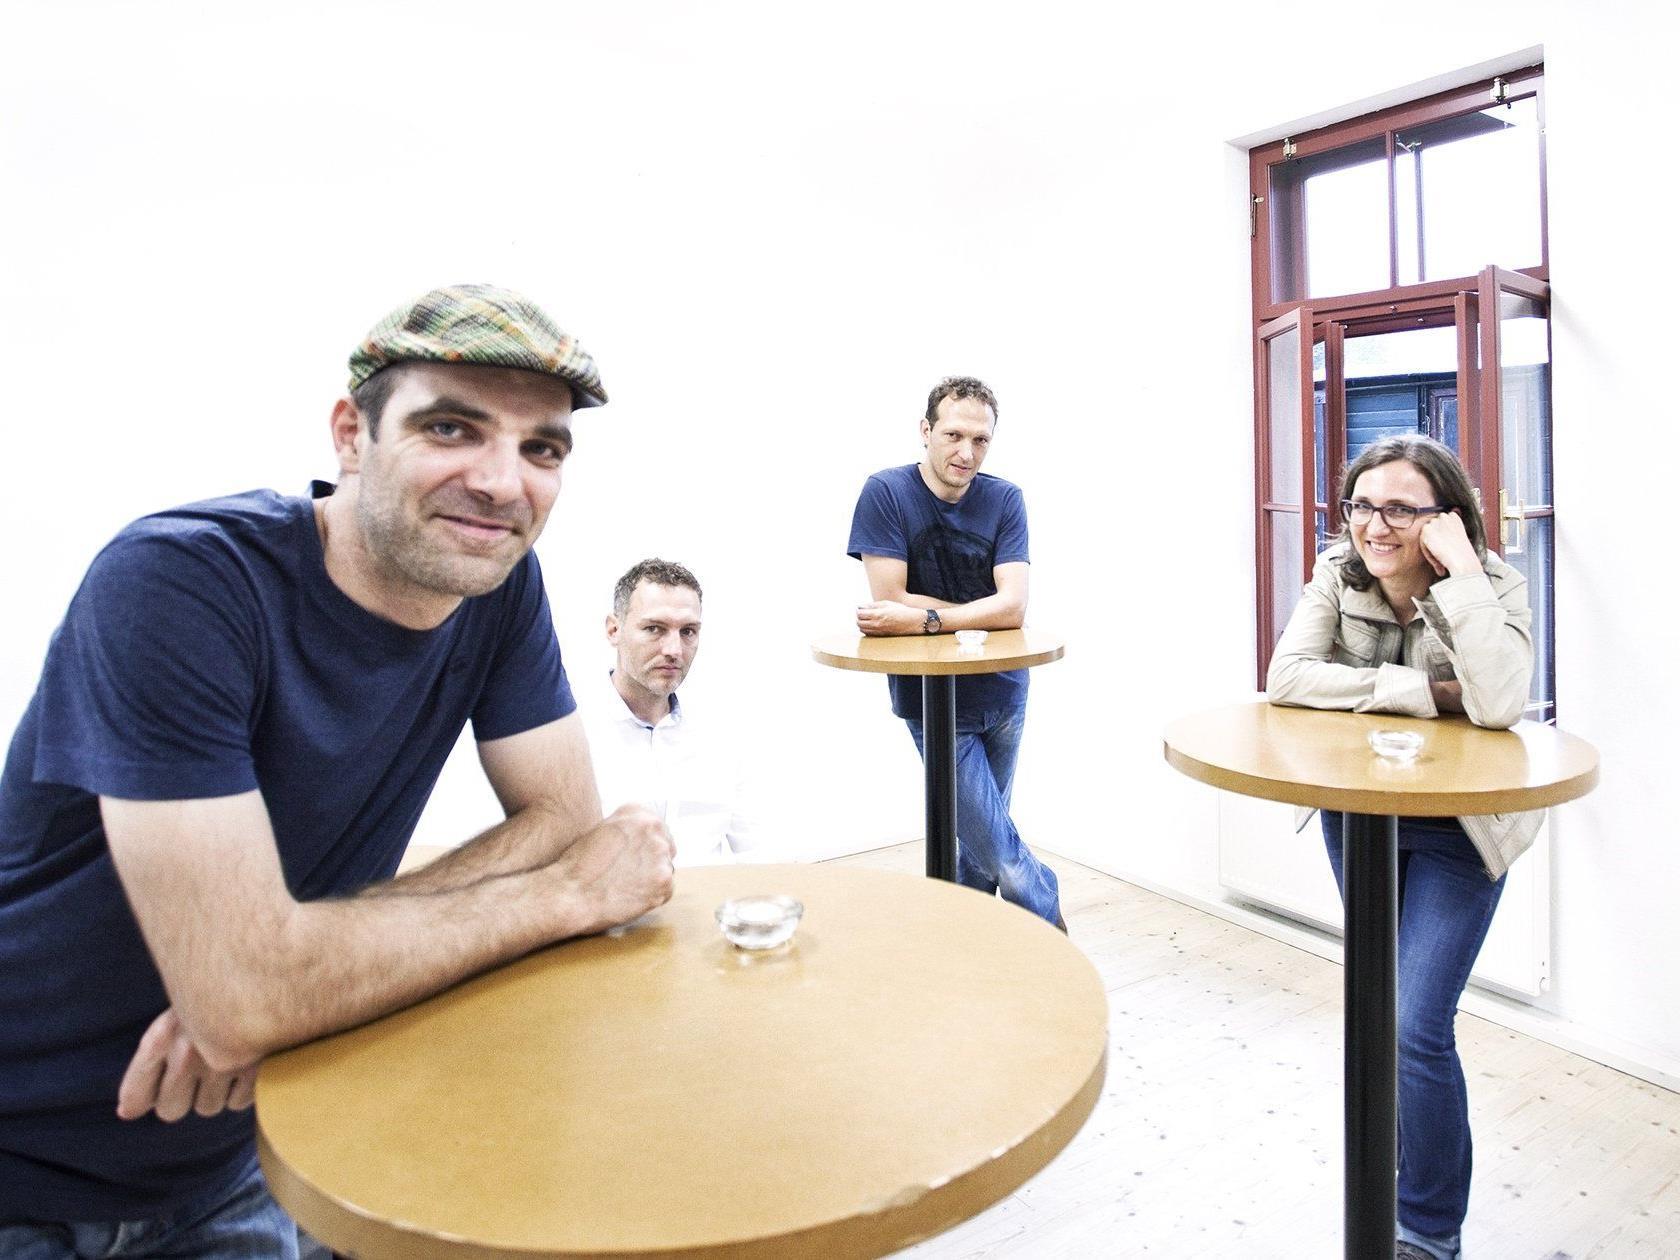 Amüsgöl macht Musik für Jede und Jeden. Nun geben die vier MusikerInnen ihre erste CD heraus.